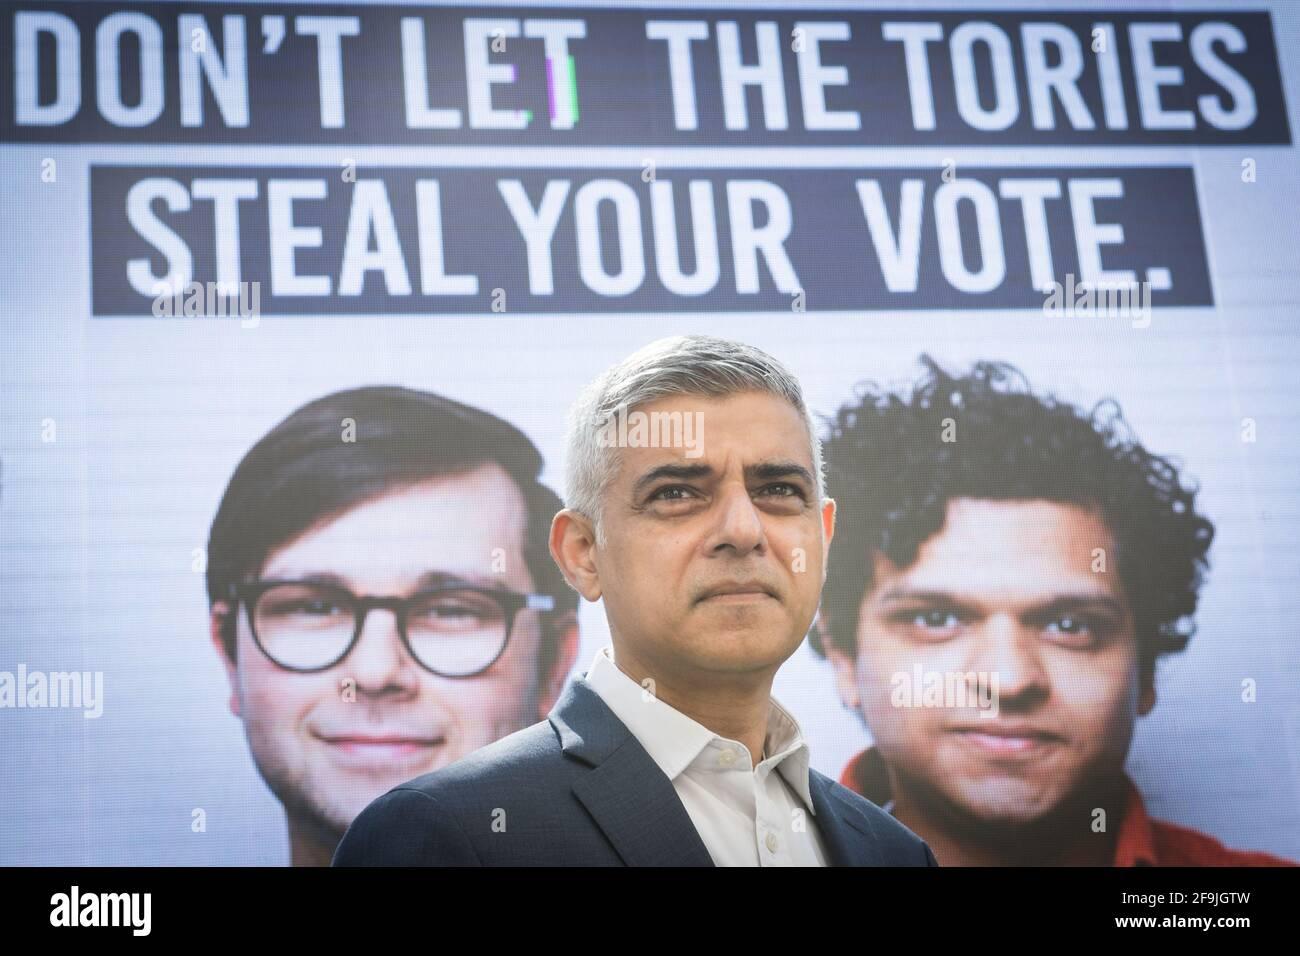 Der Bürgermeister von London, Sadiq Khan, stellt in Westminster, London, eine neue Kampagnenwerbung vor, in der die Londoner aufgefordert werden, sich vor dem Stichtag für eine Briefwahl zu registrieren, während sie sich auf dem Wahlkampfweg für die Londoner Mayoral-Wahl befinden. Bilddatum: Montag, 19. April 2021. Stockfoto